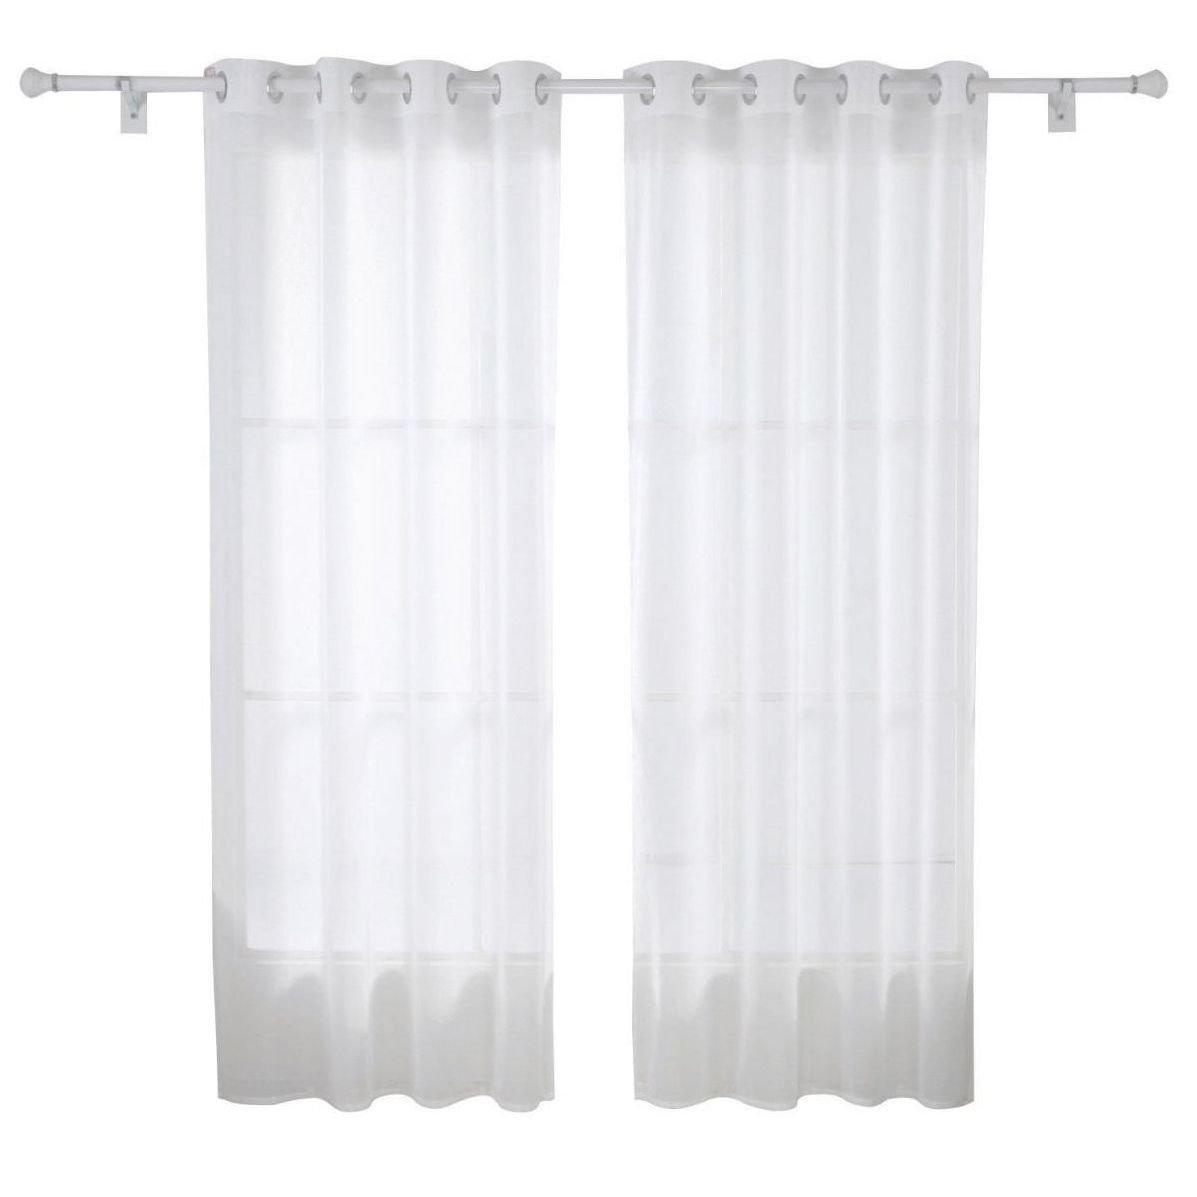 Cortina de sal n moderna con anillas en blanco cortinas - Cortinas con anillas ...